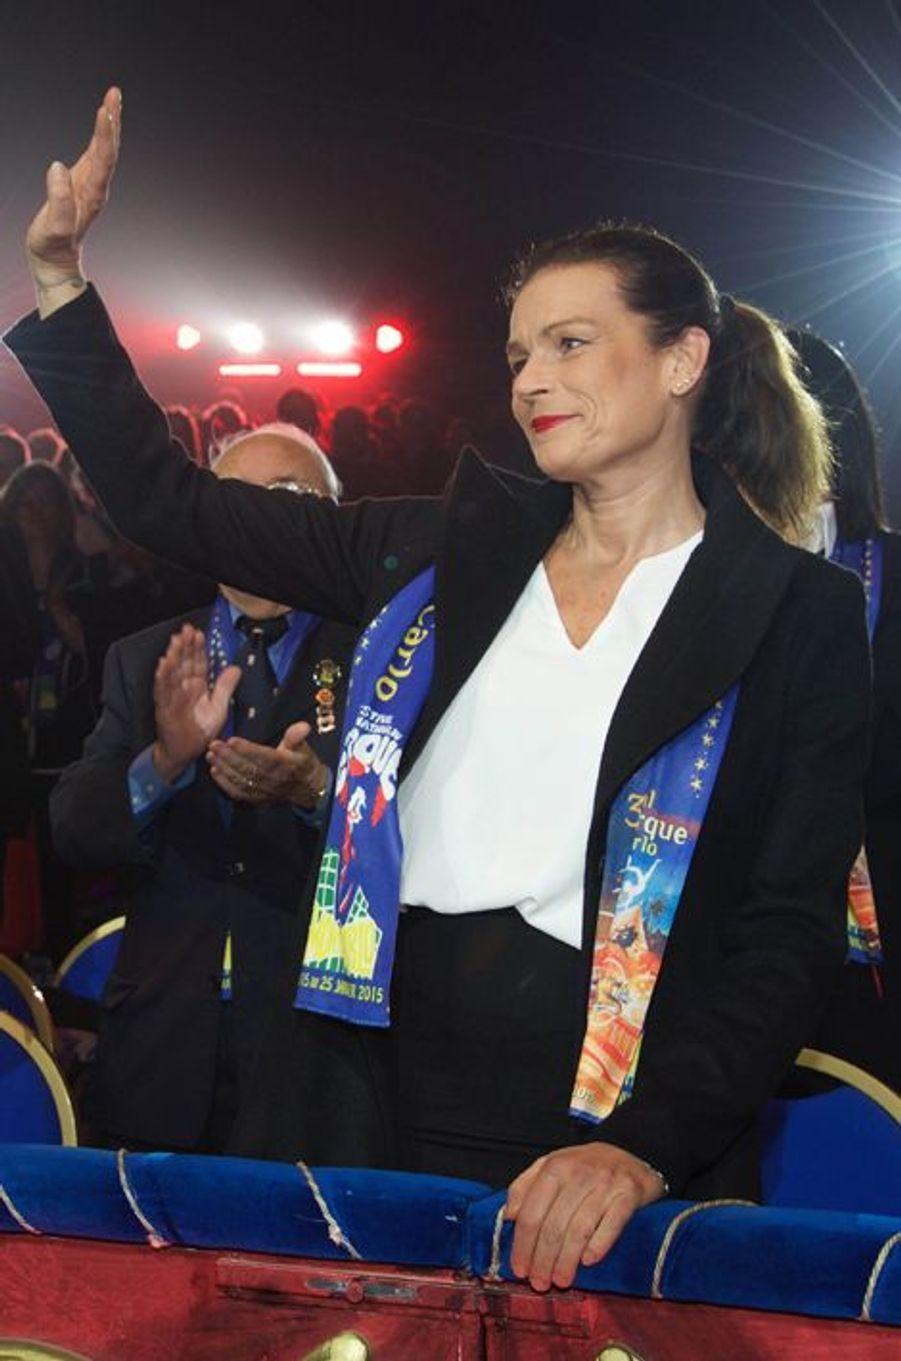 Stéphanie de Monaco au 39e Festival du cirque de Monte-Carlo, le 16 janvier 2015